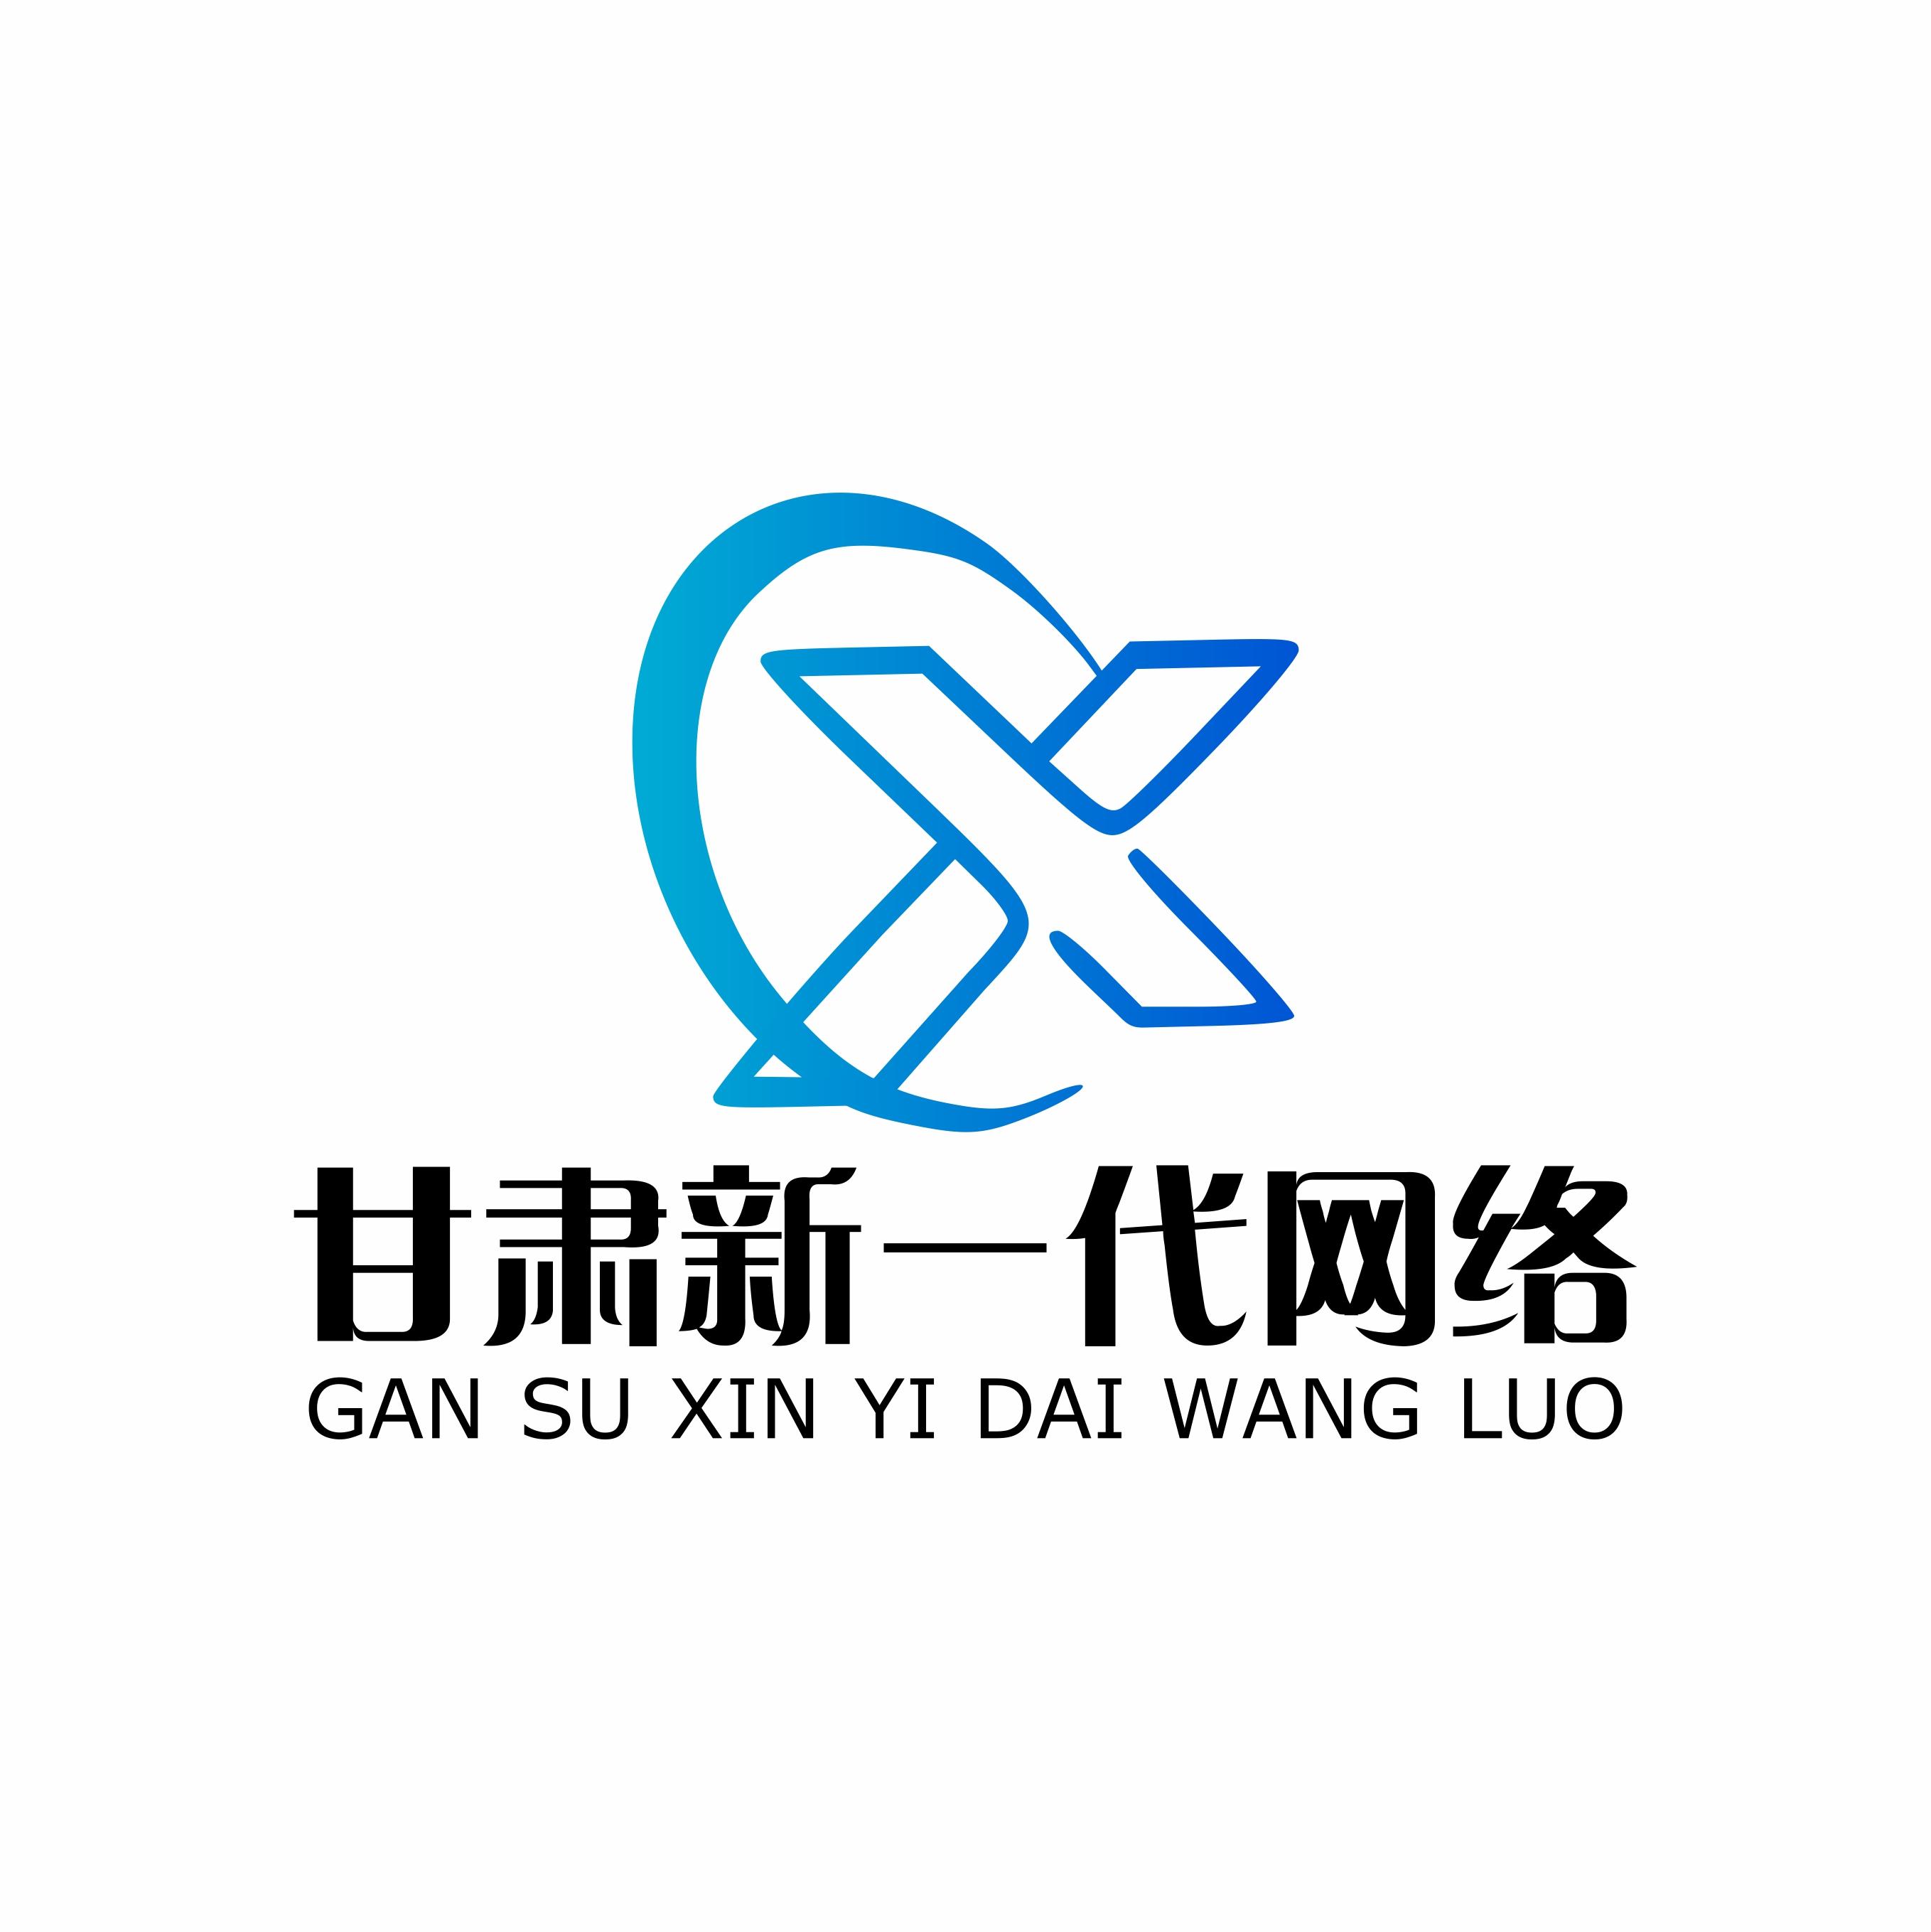 甘肃新一代网络科技有限公司